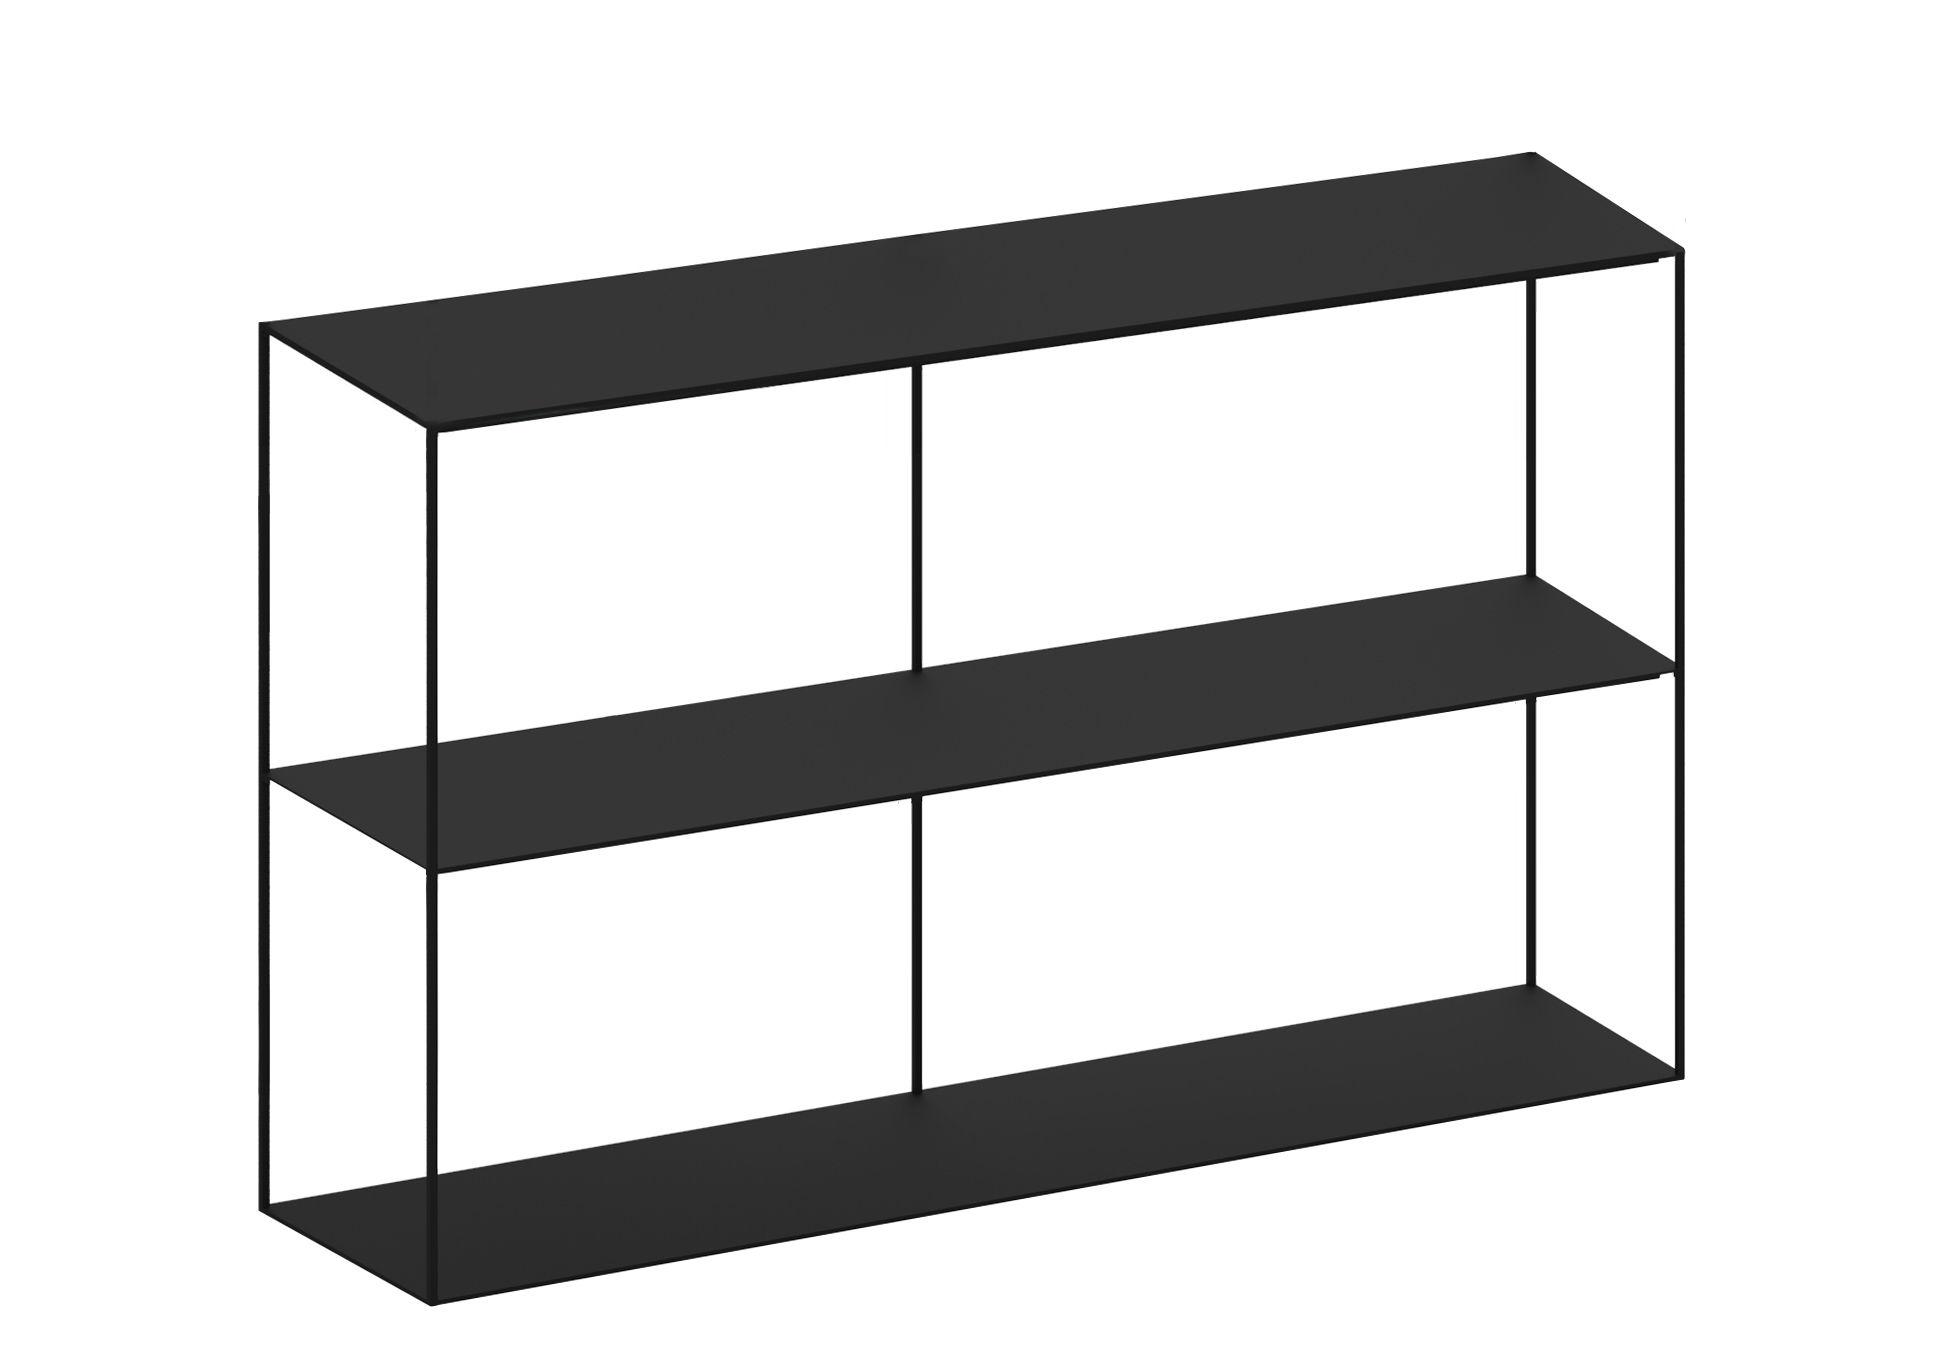 Arredamento - Scaffali e librerie - Mensola Slim Irony - Nero ramato - Acciaio verniciato